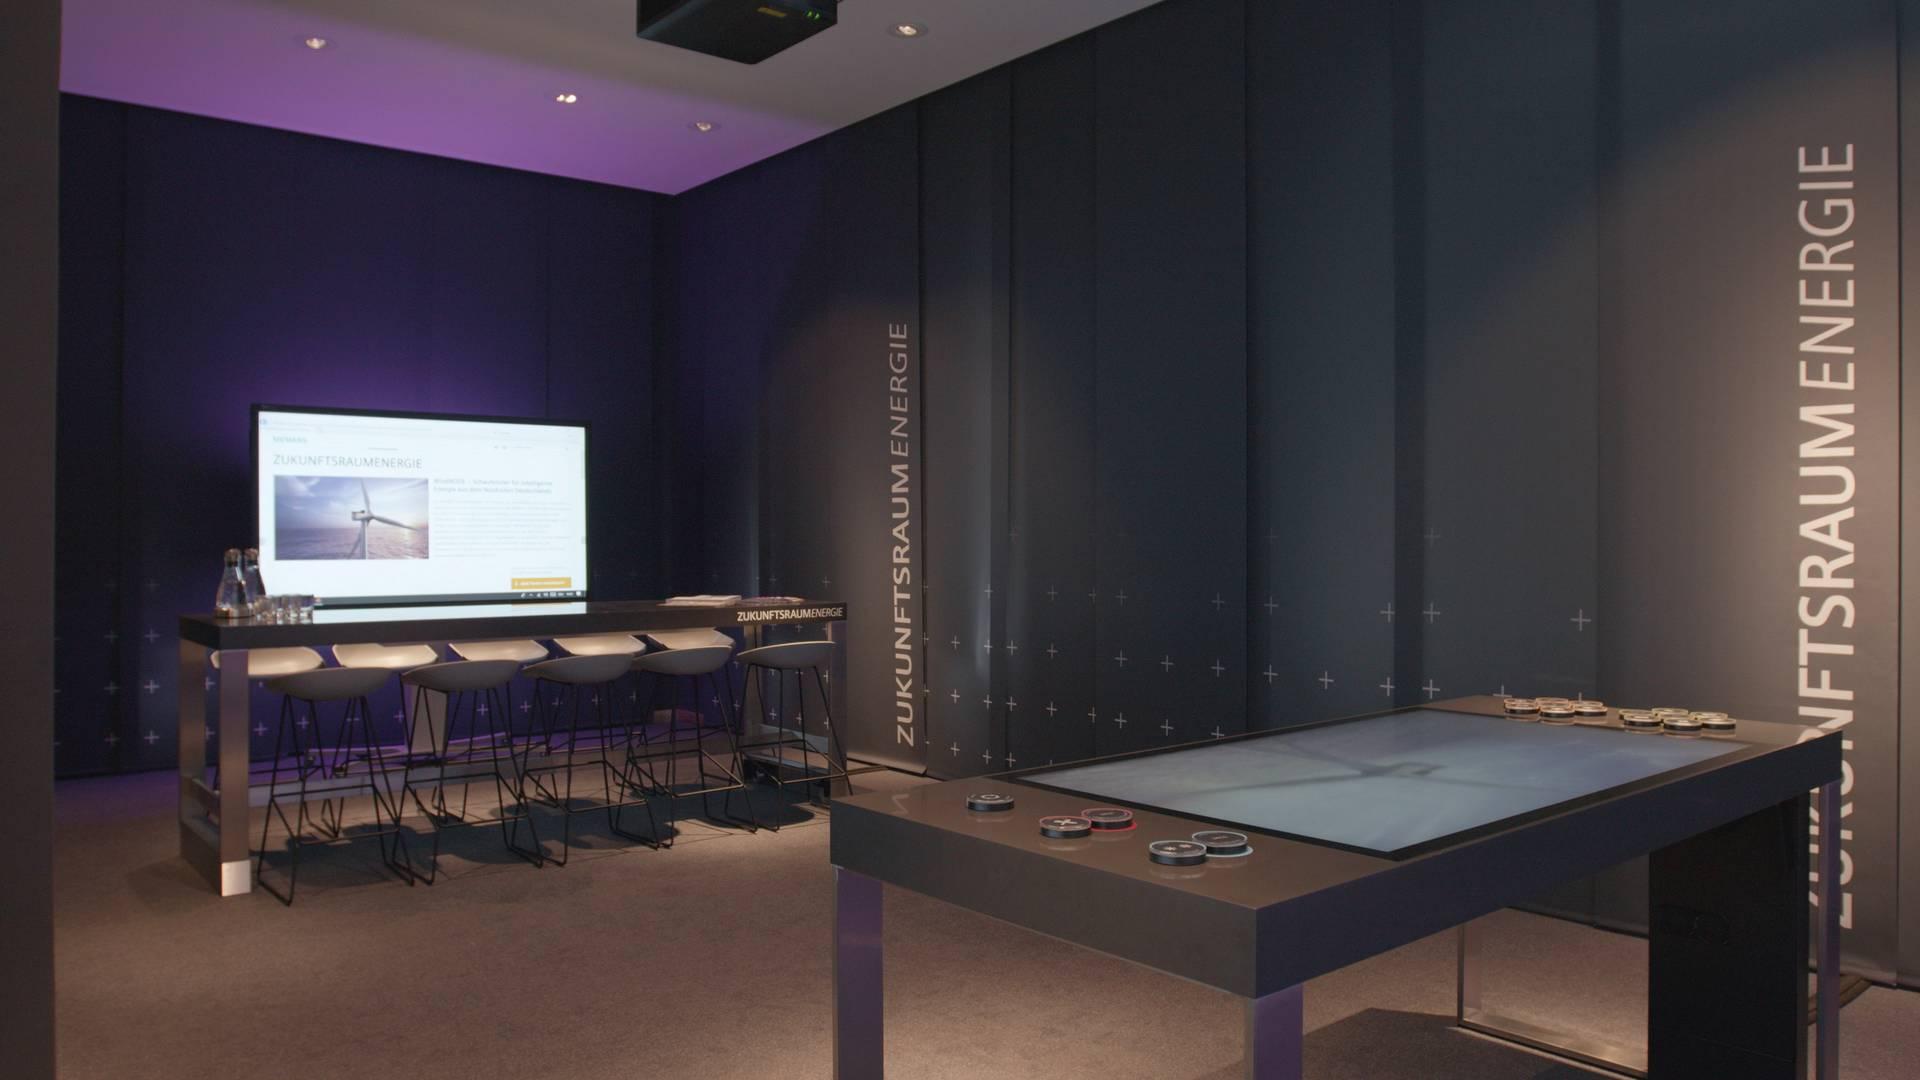 20200519 SiemensZukunftsraumEnergie Room design.00 00 09 21.Still001 1080